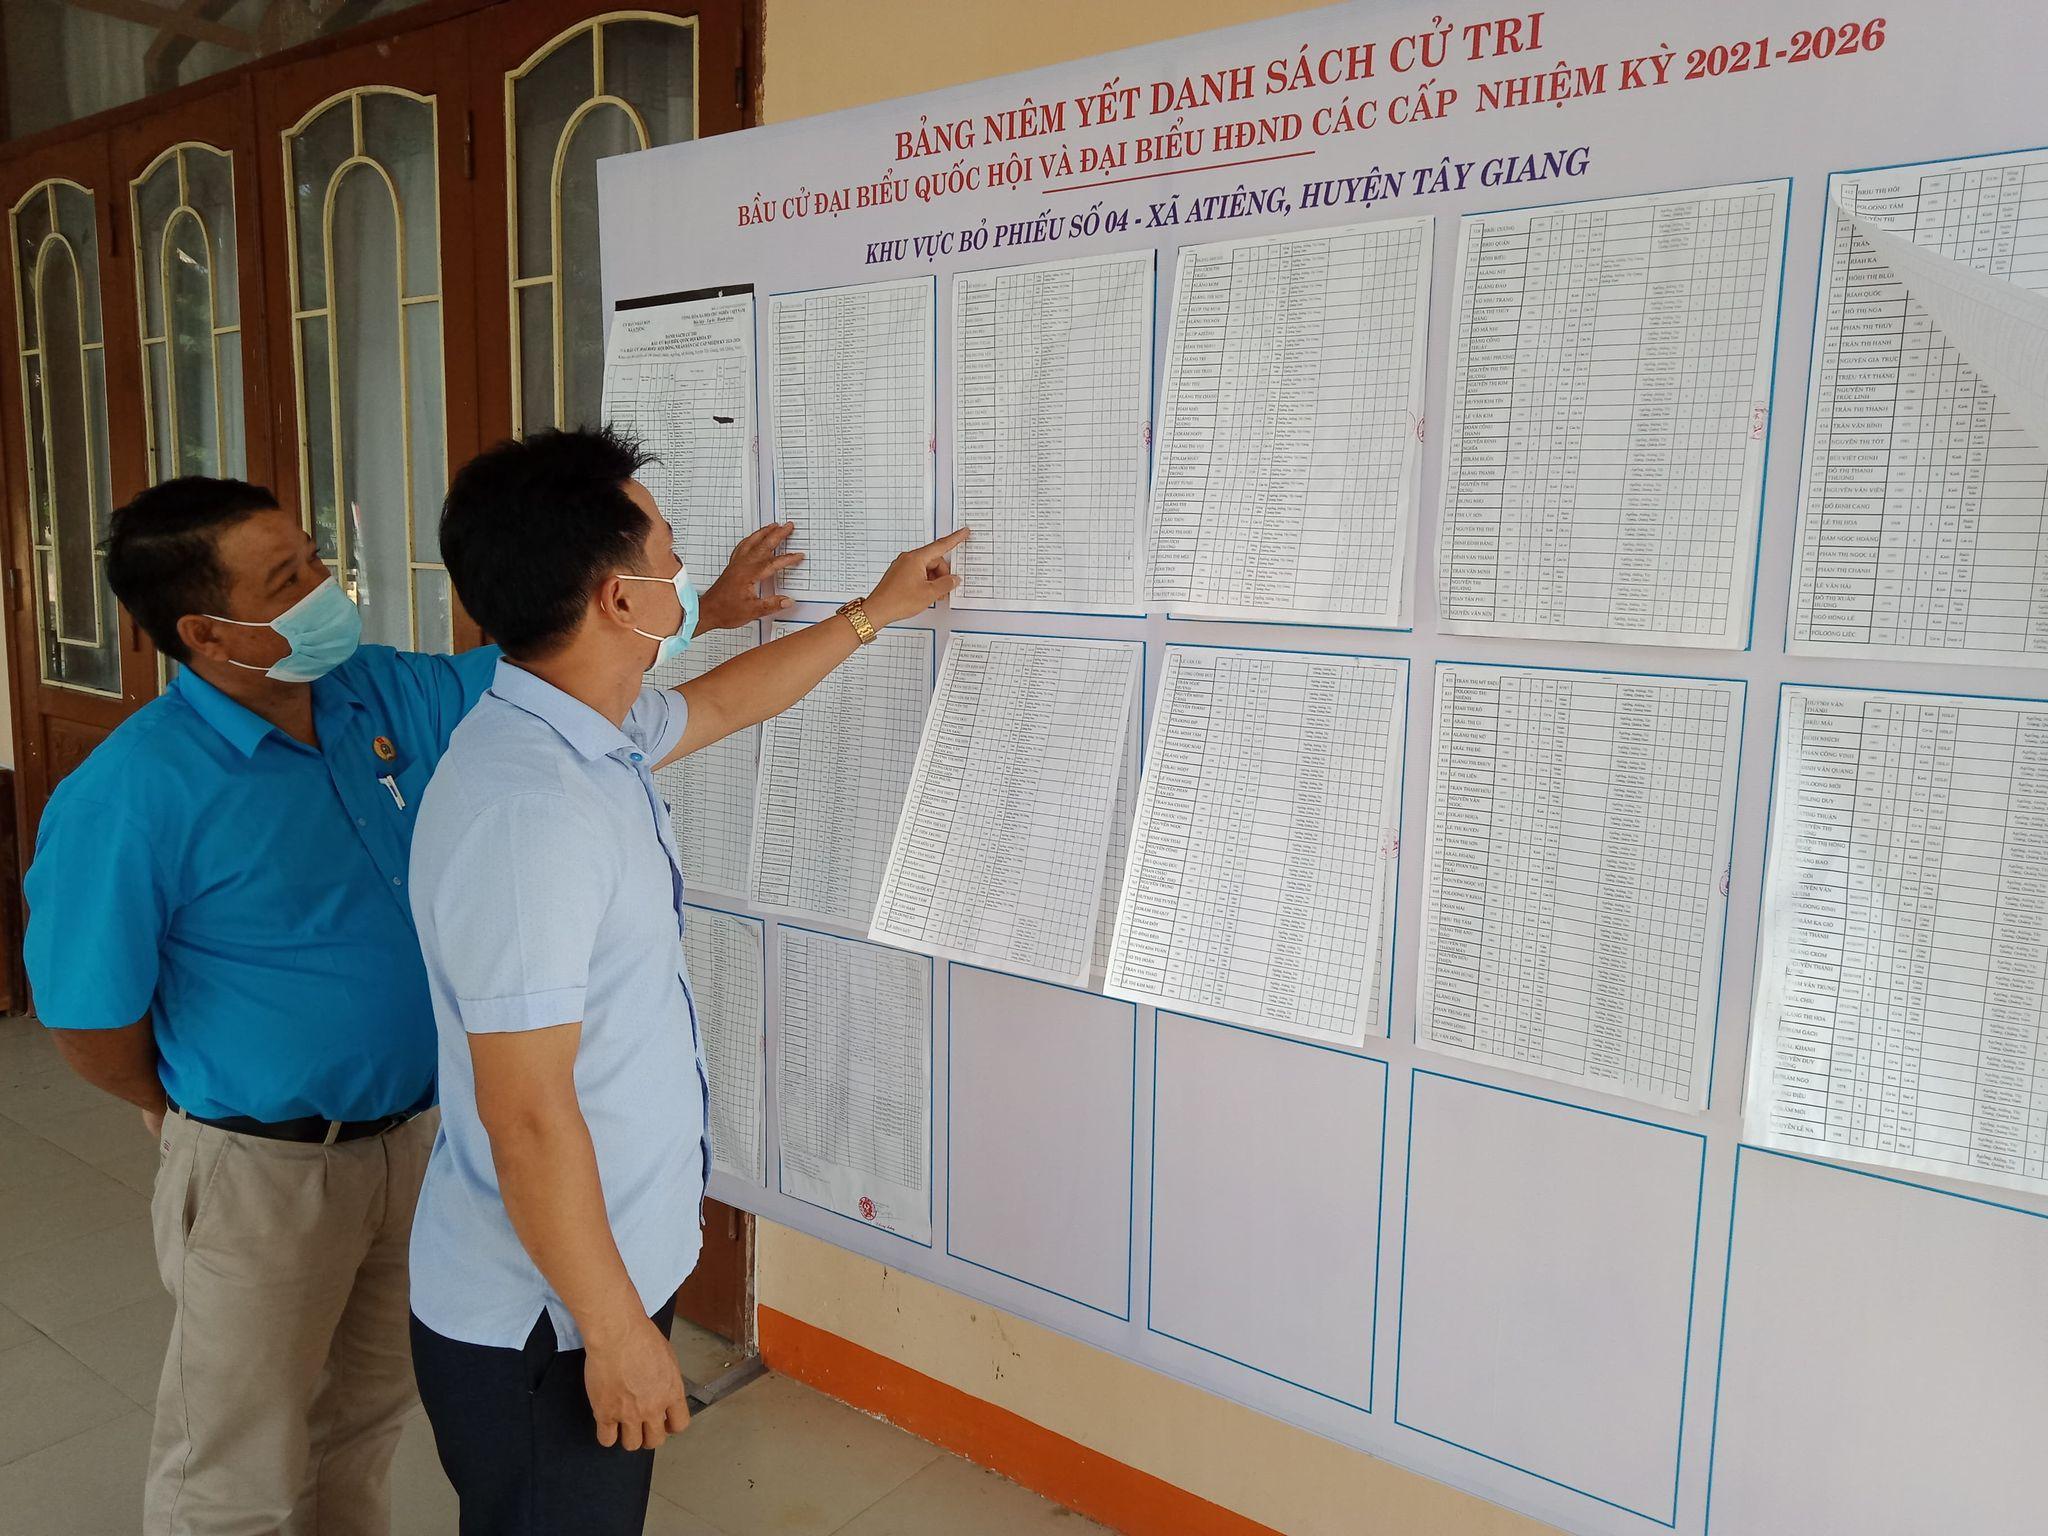 Quảng Nam: Huyện biên giới Tây Giang đẩy mạnh công tác tuyên truyền cho ngày bầu cử - Ảnh 1.